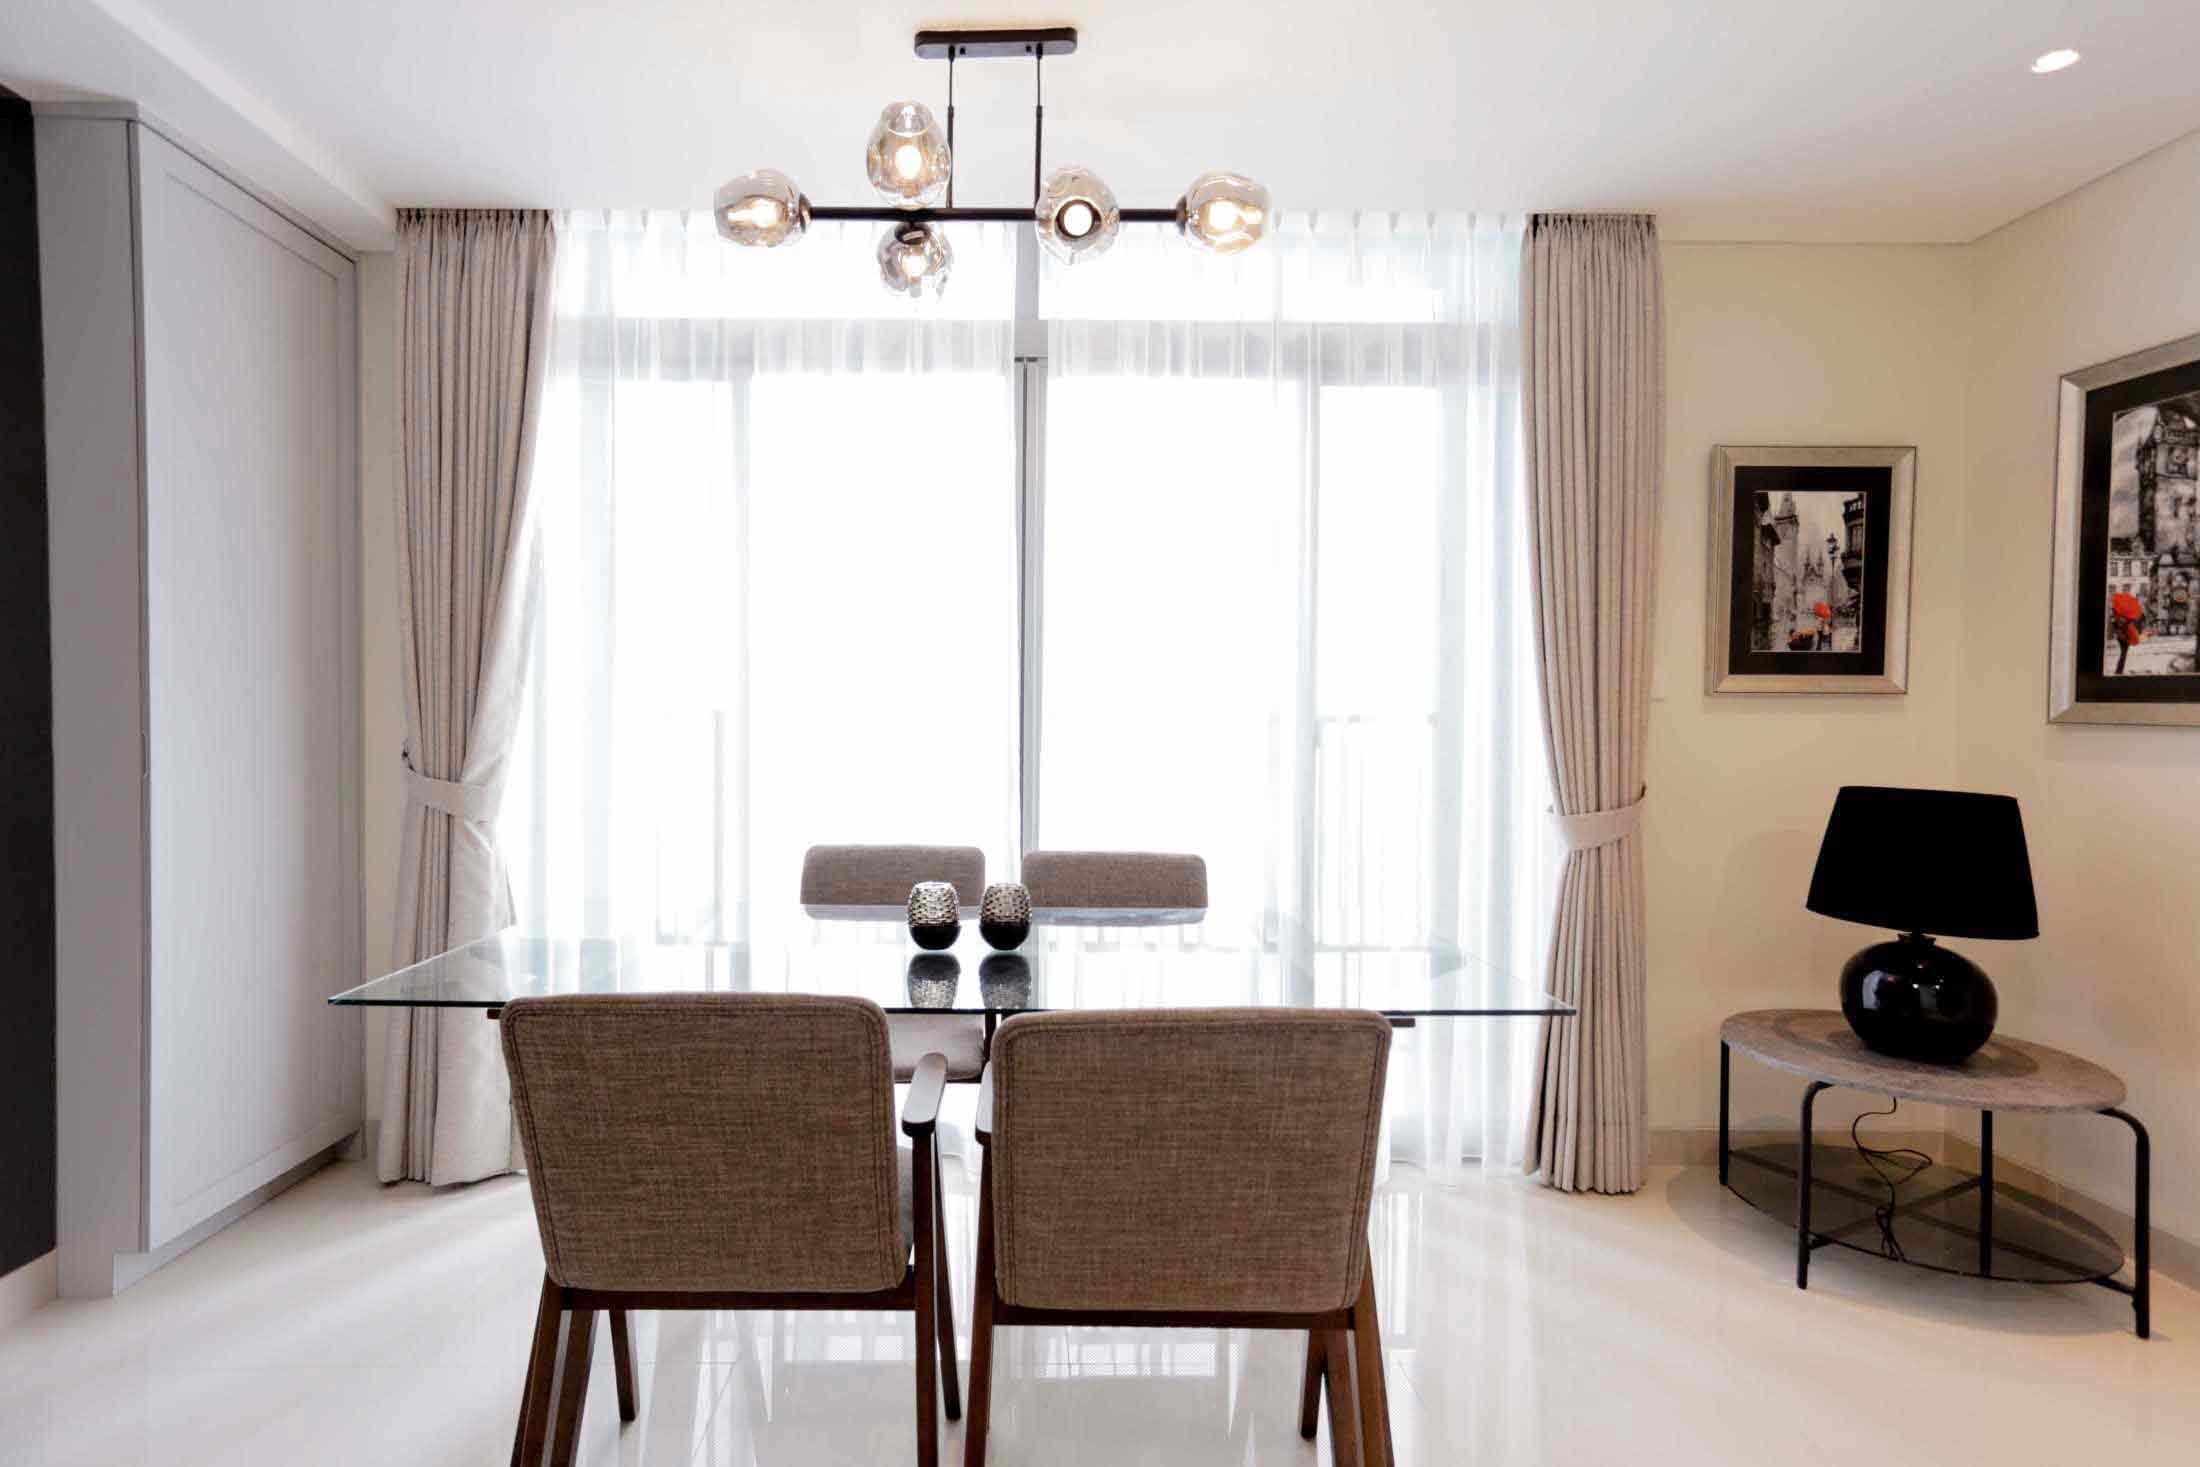 Lampu gantung modern yang semakin menonjolkan meja makan rangka kayu, ruang makan karya Samitrayasa Design, via Arsitag.com